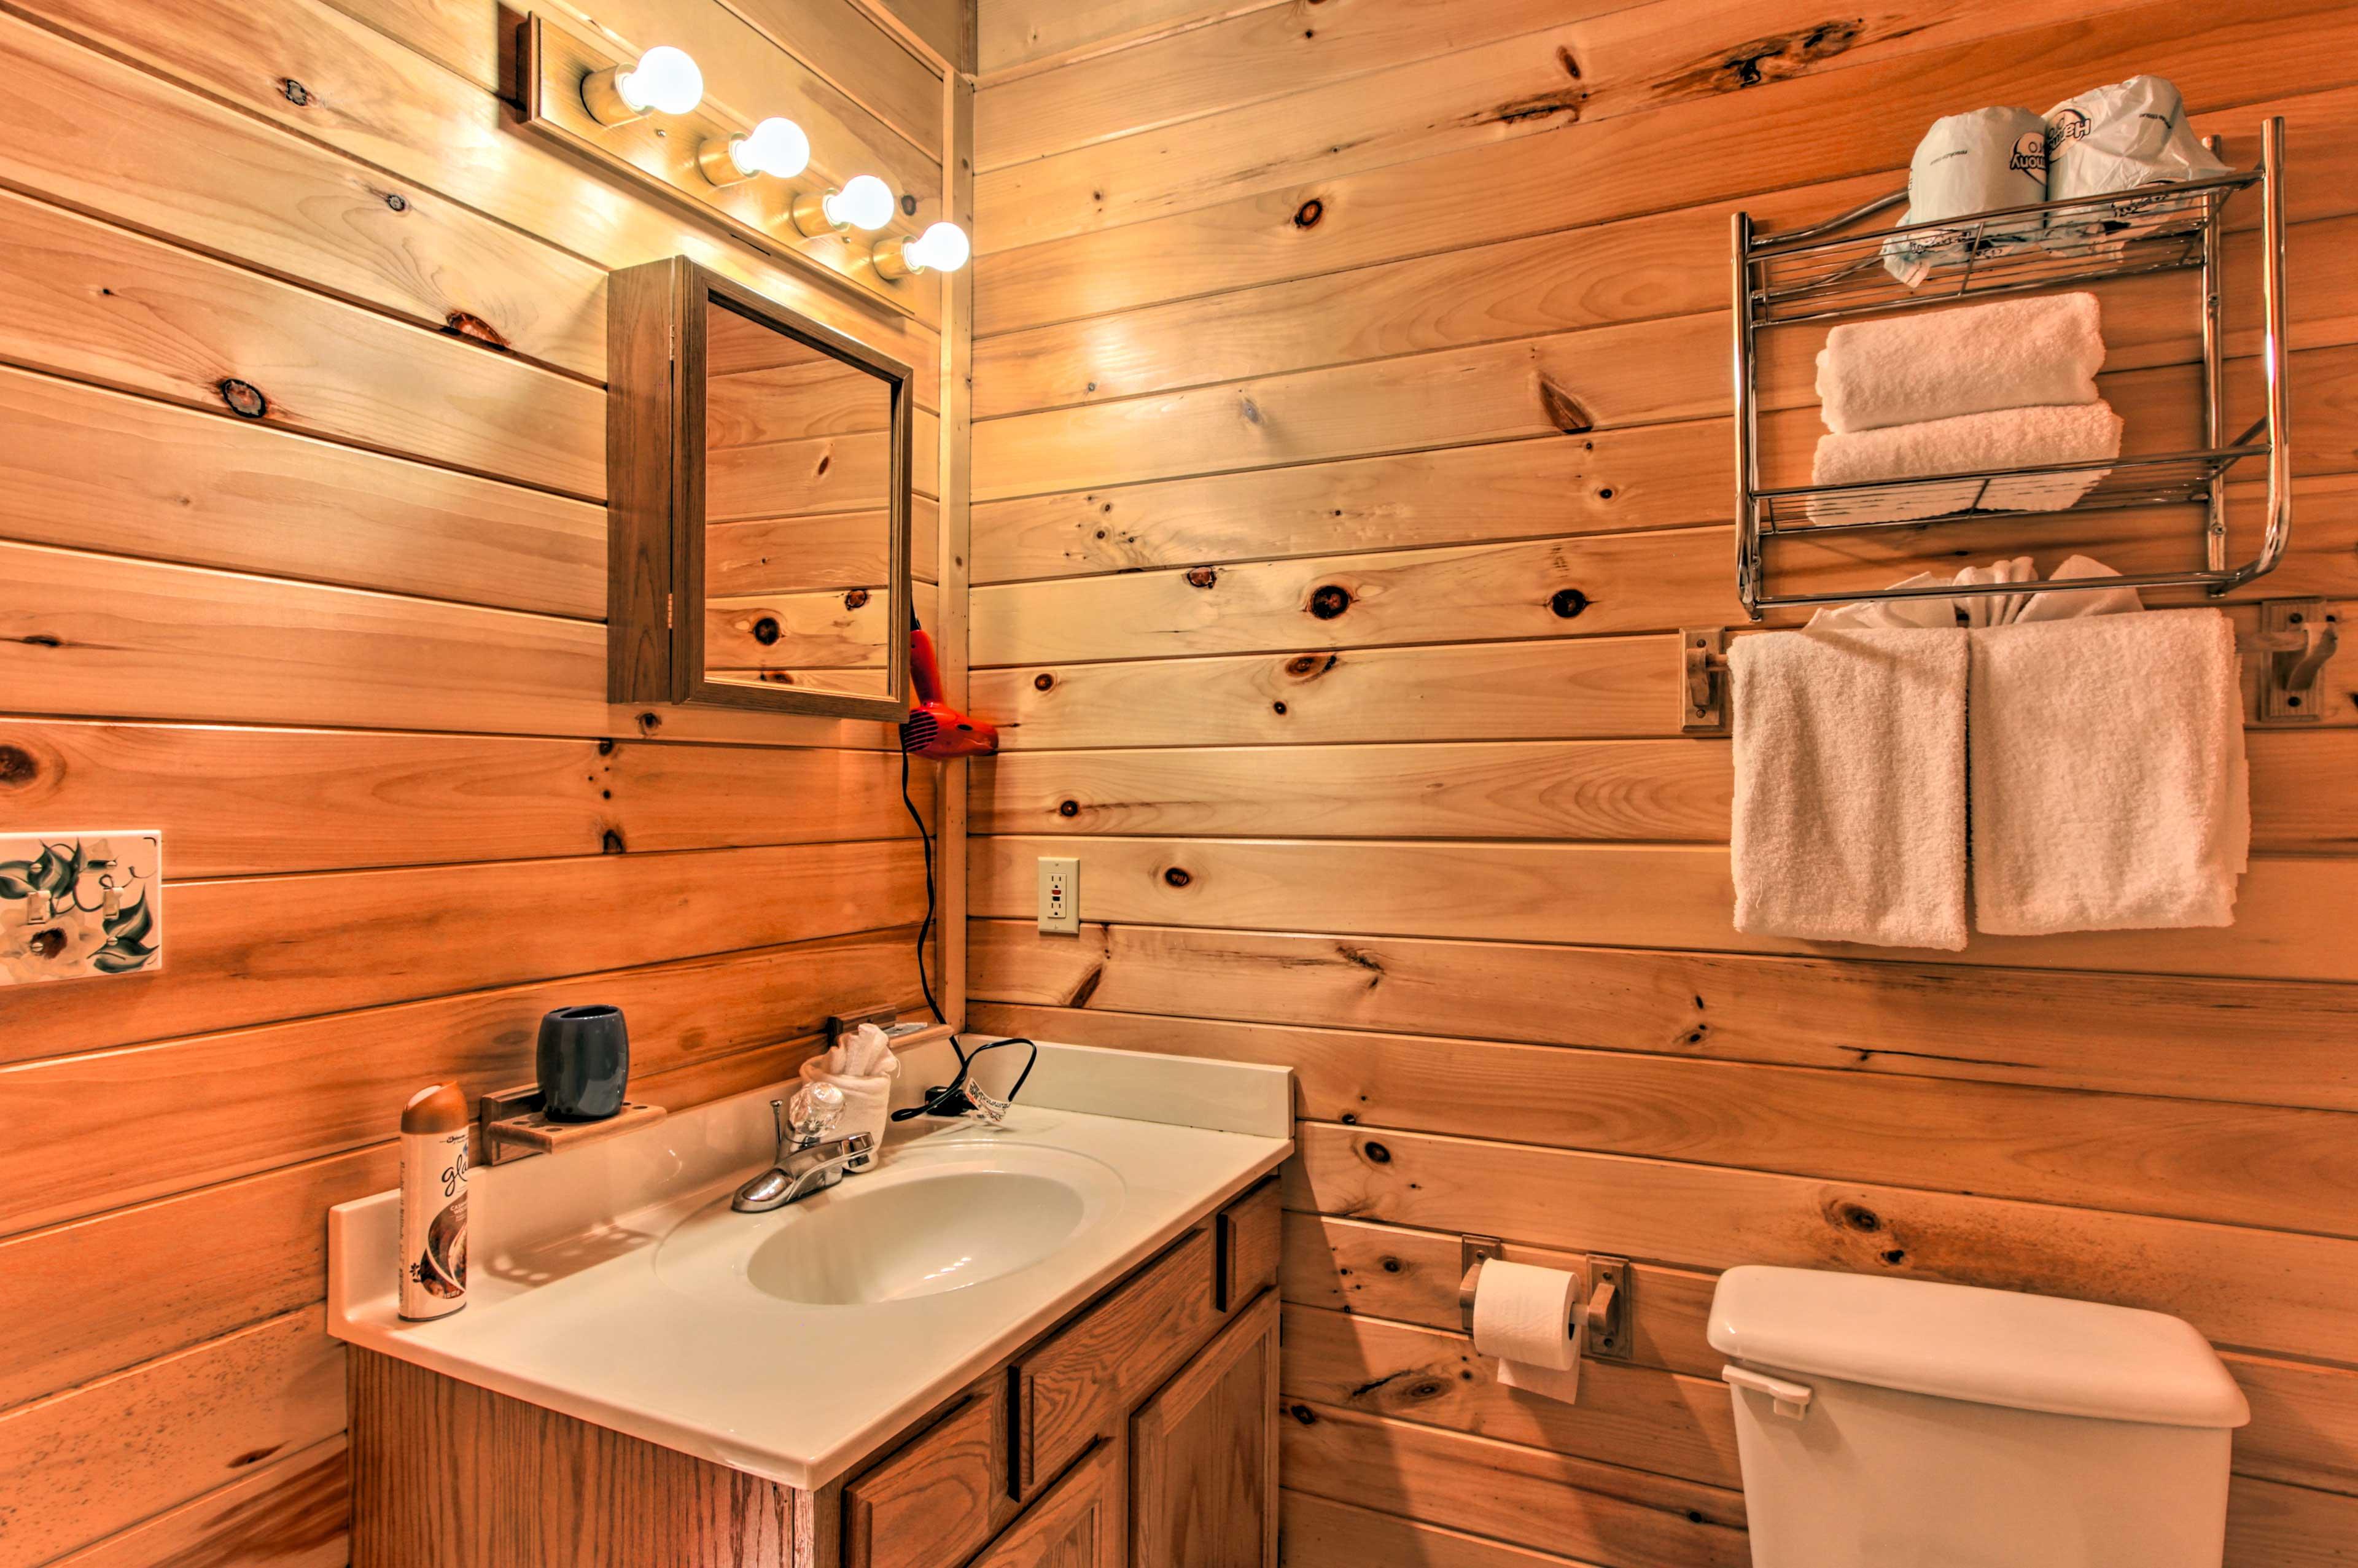 The en-suite bathroom has a hairdryer!